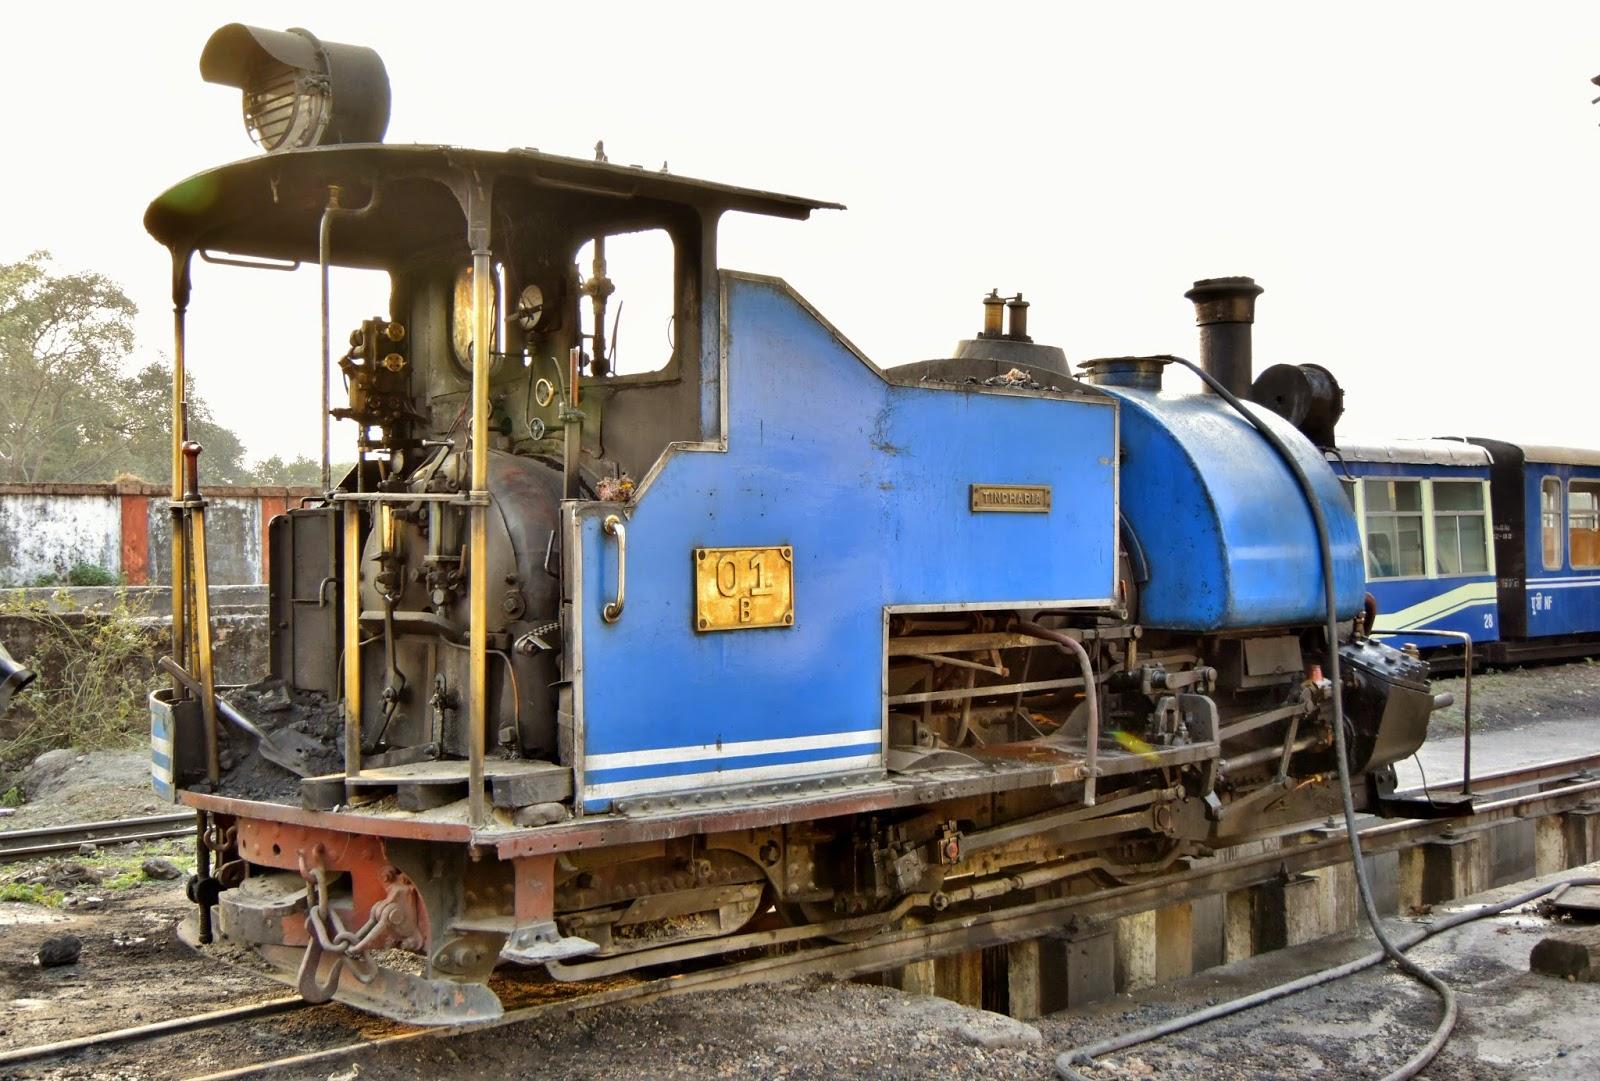 ダージリン・ヒマラヤ鉄道の画像 p1_25